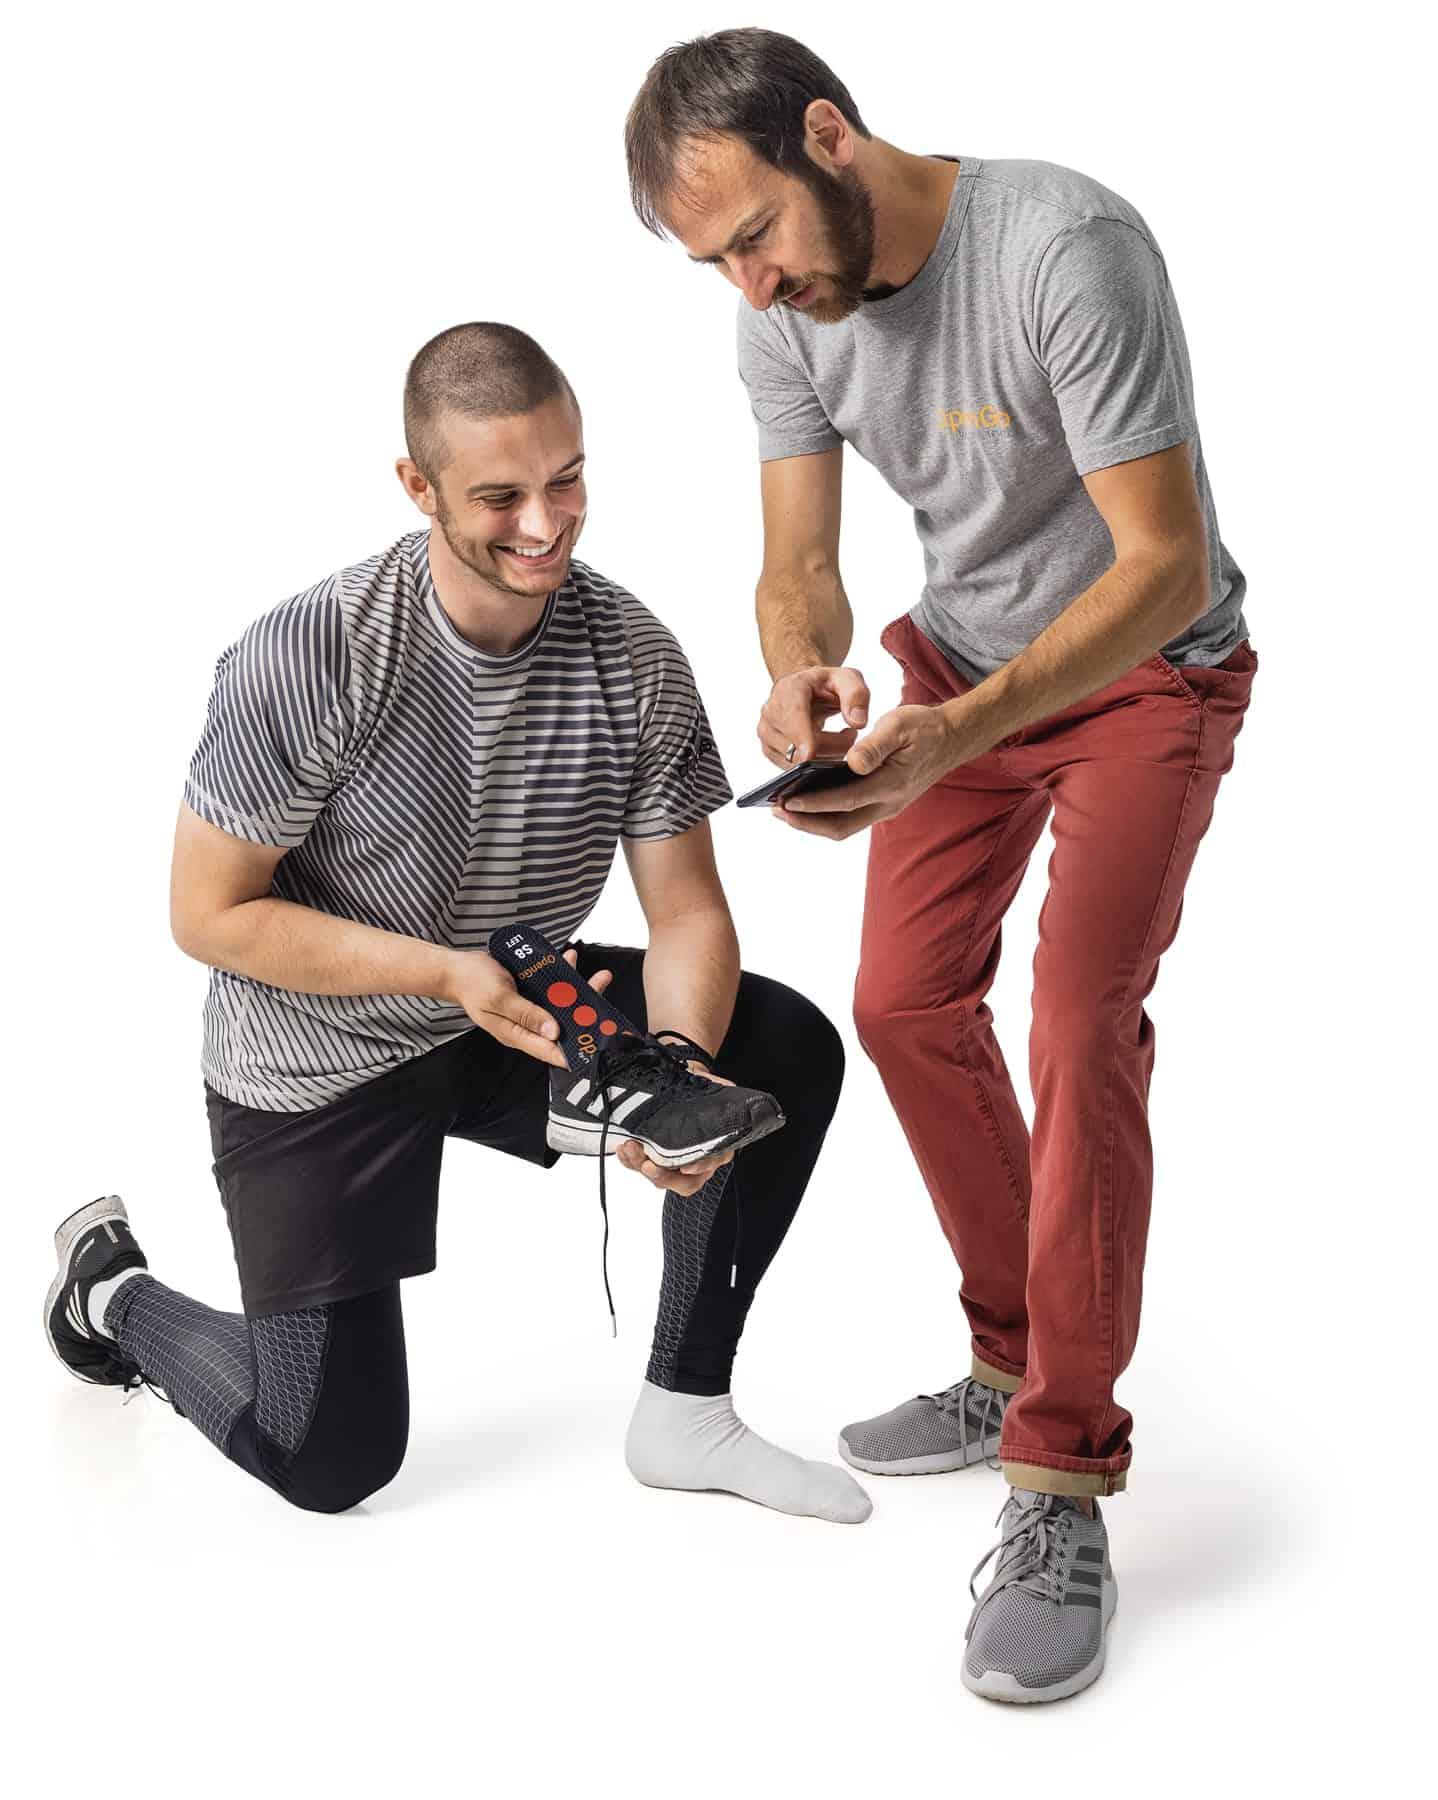 moticon-opengo-sensor-insoles-in-shoe-therapist